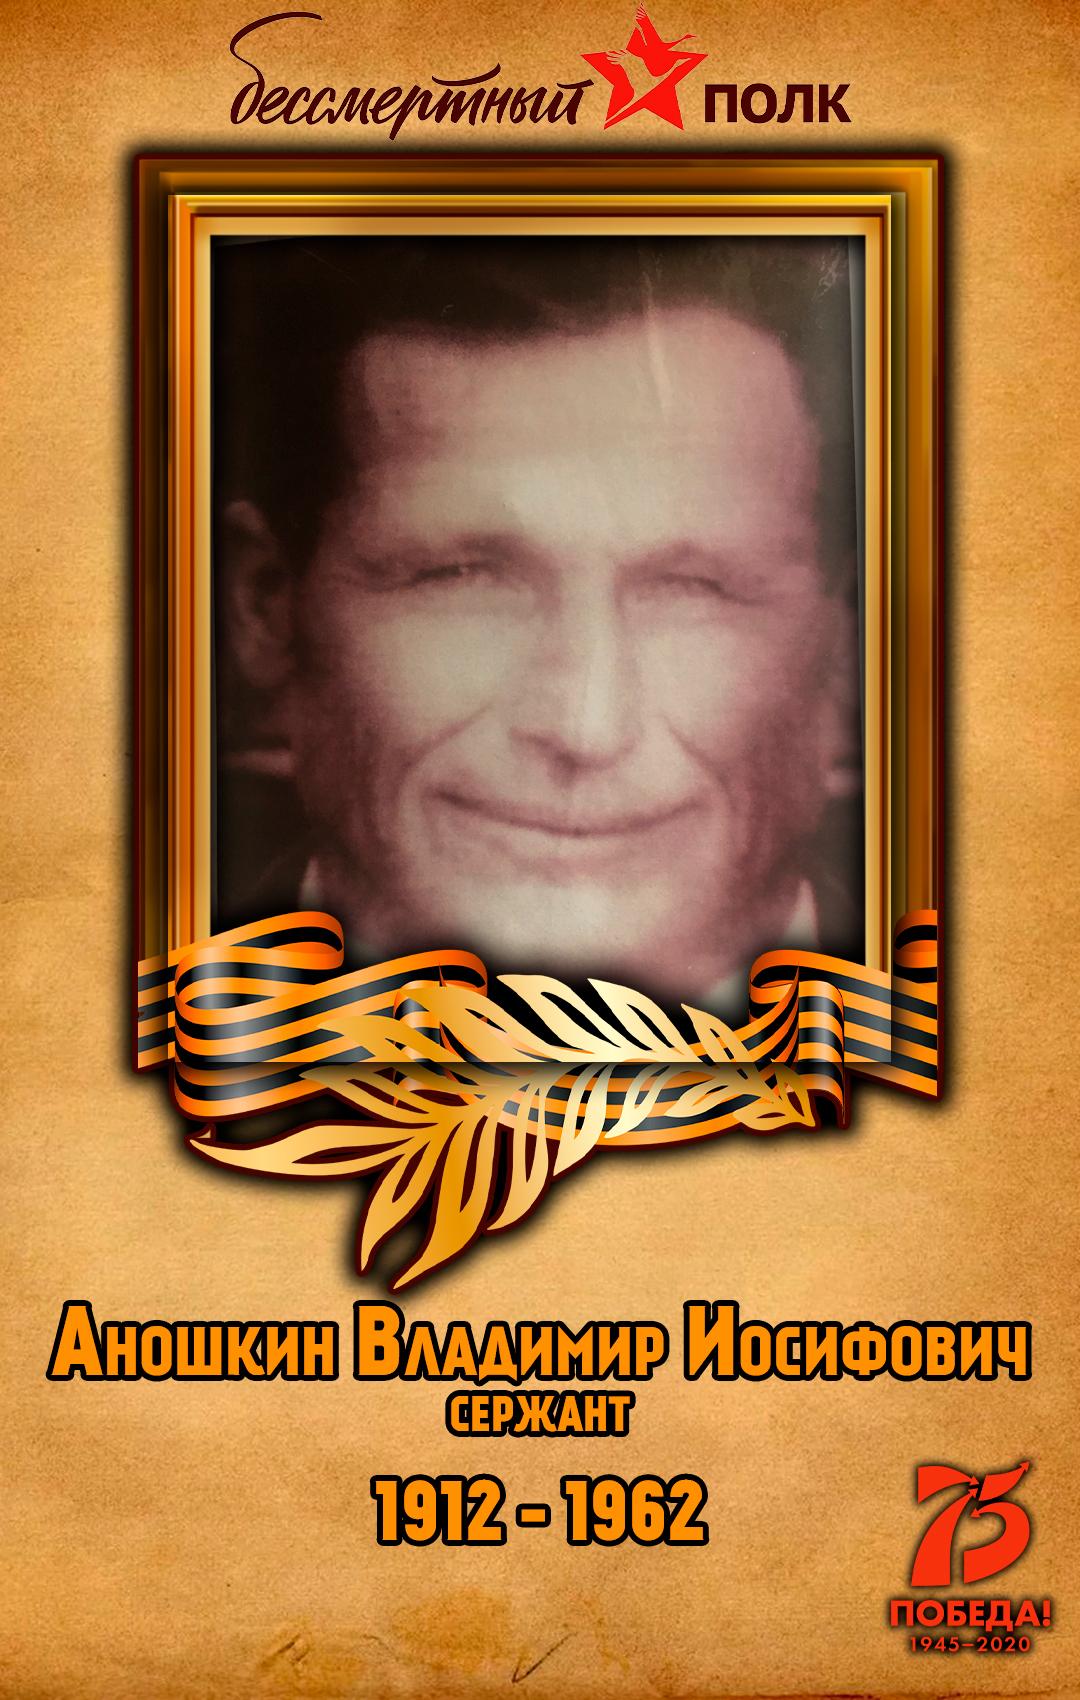 Аношкин-Владимир-Иосифович